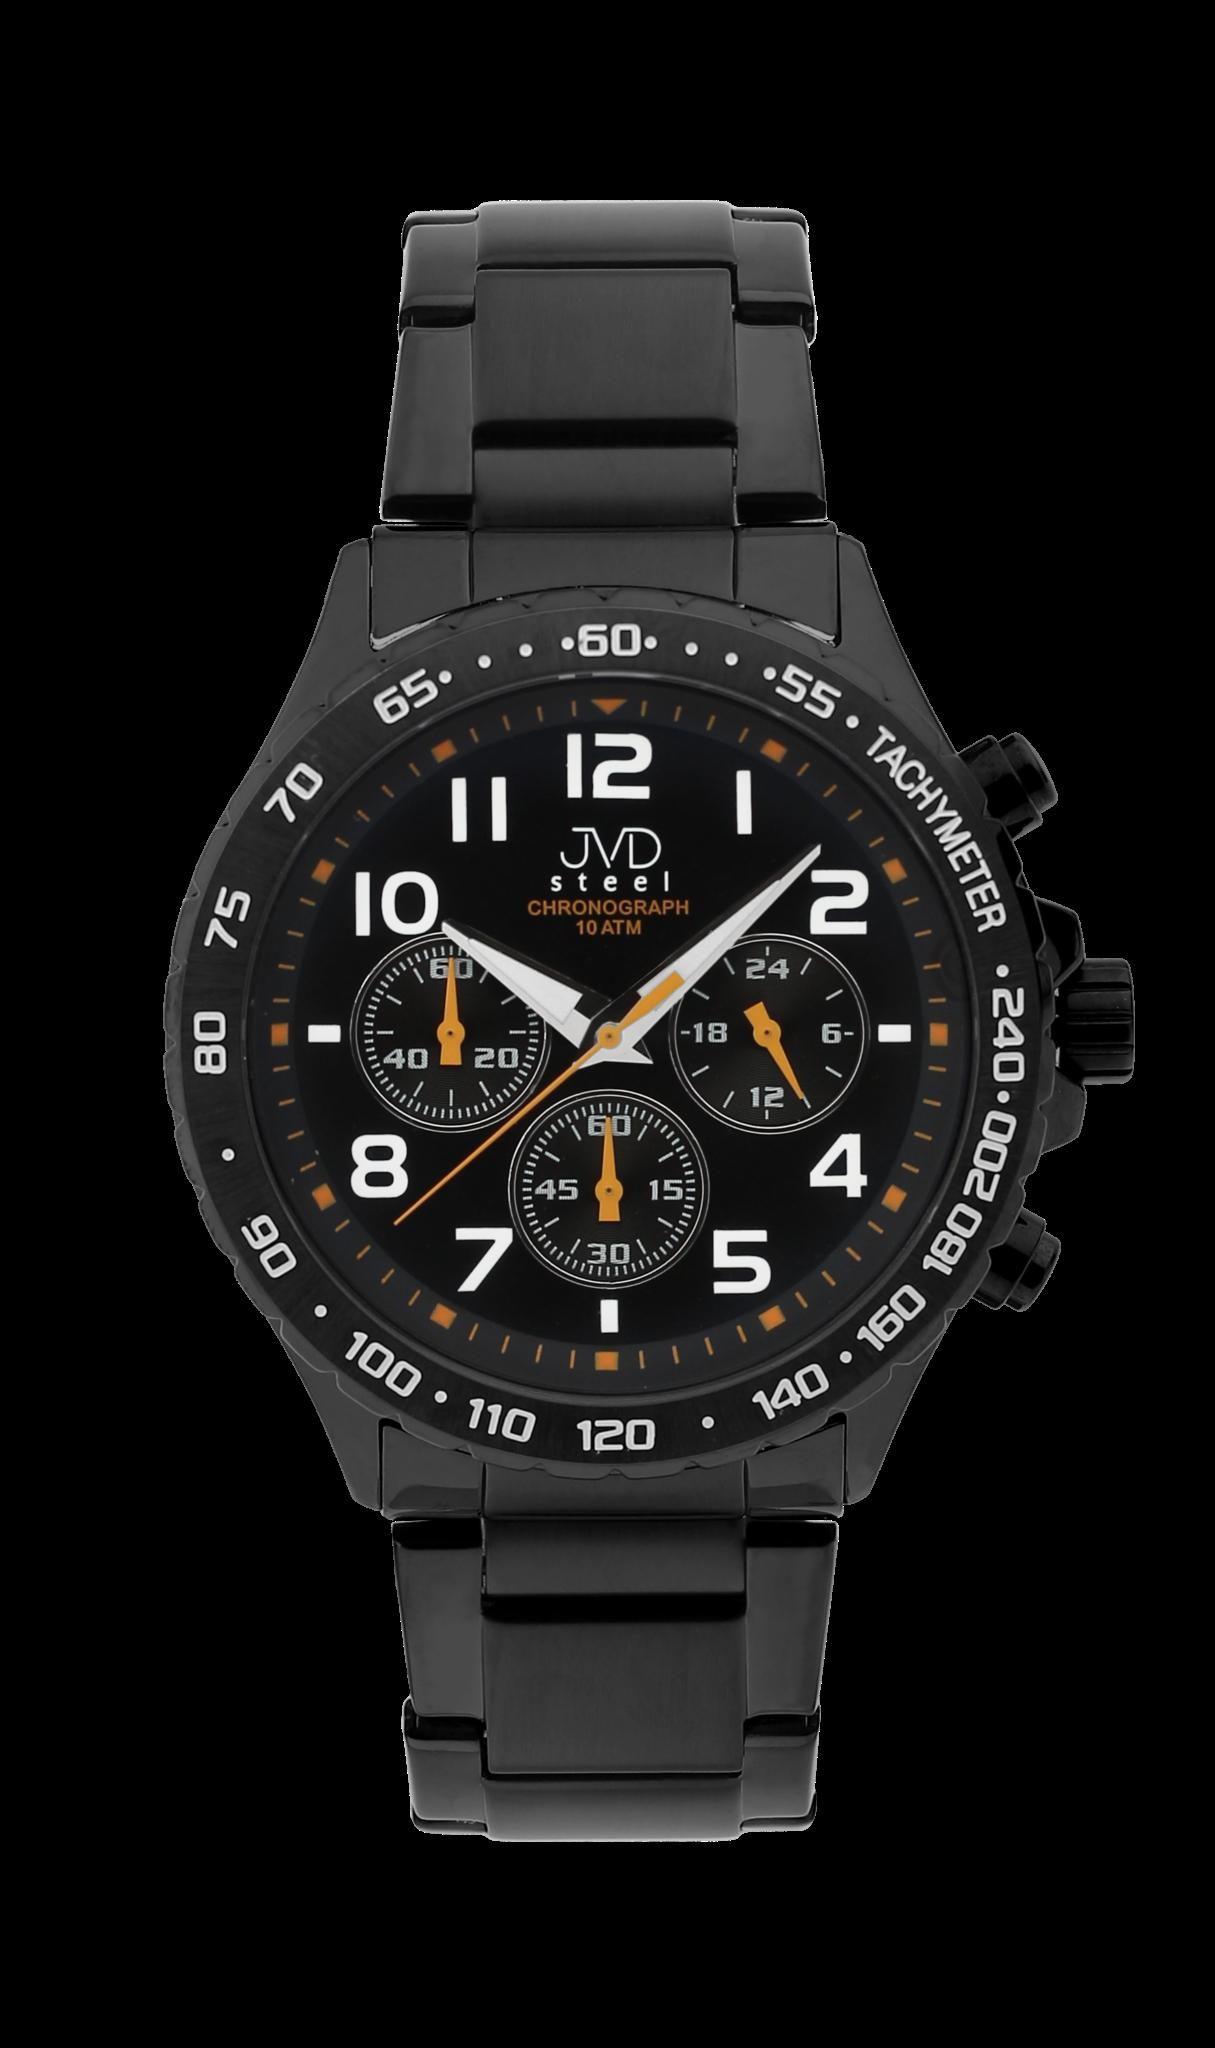 Luxusní vodotěsné černé hodinky JVD steel J1079.1 chronografy 10ATM